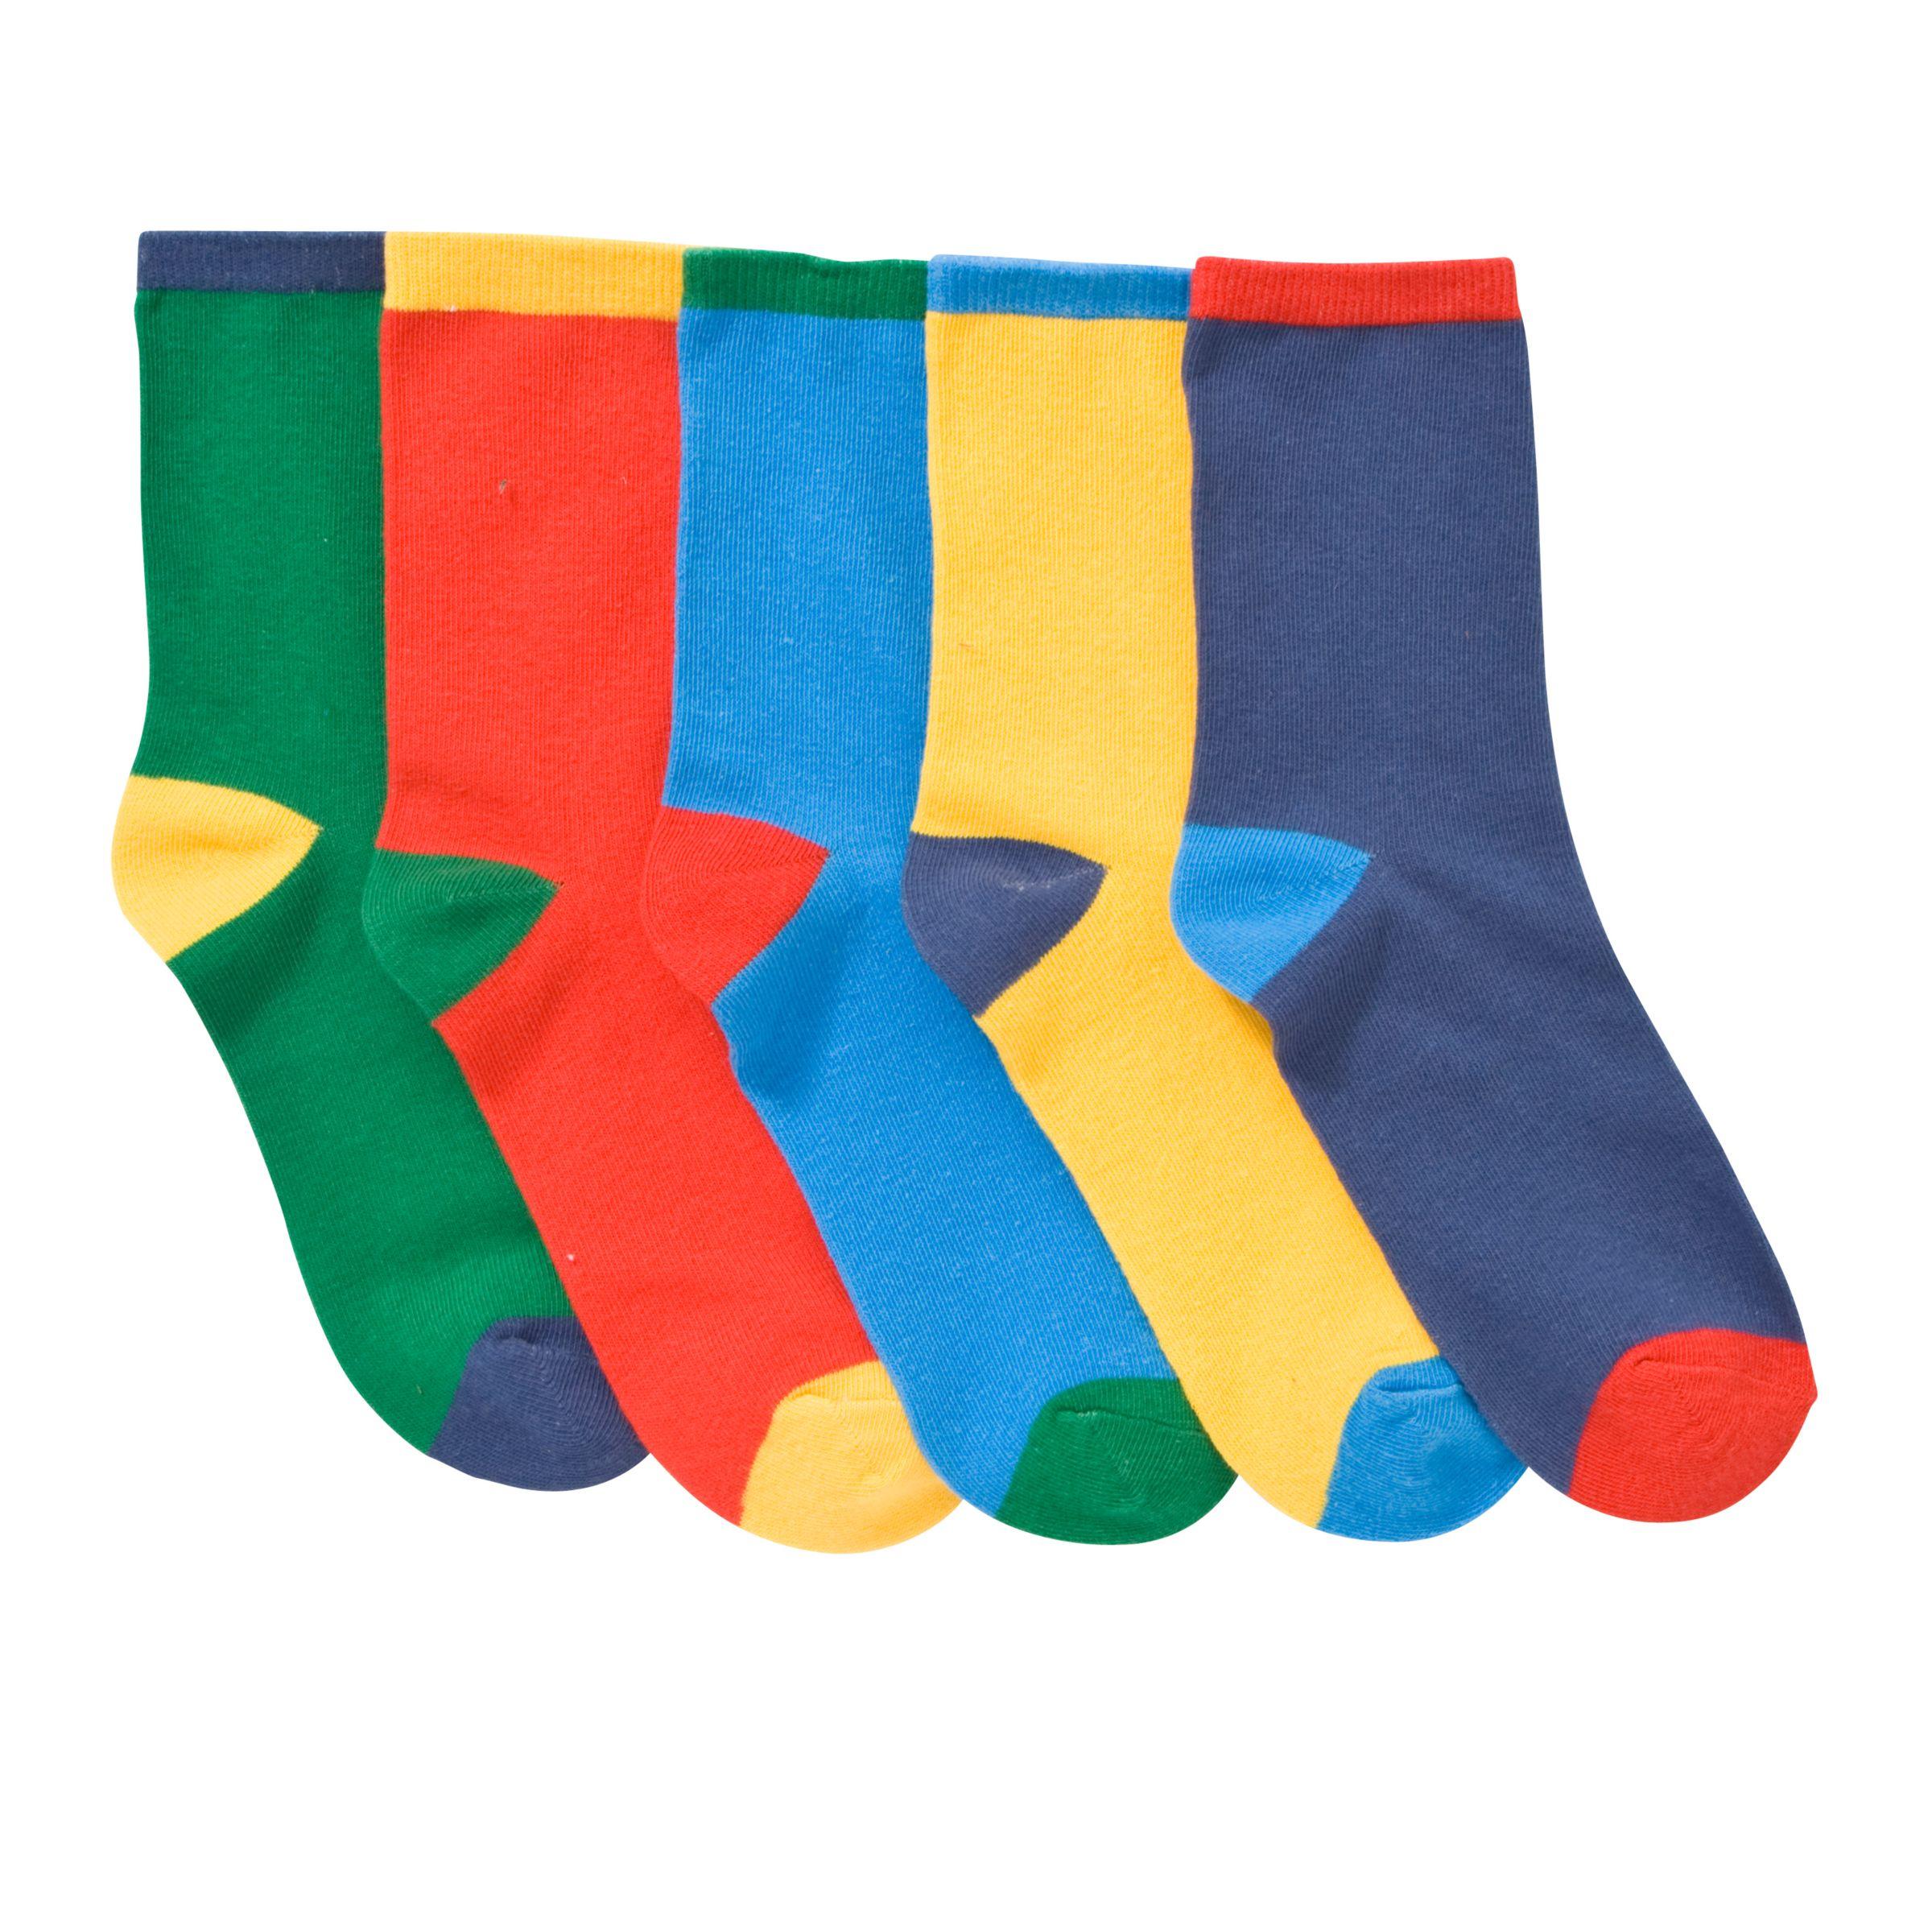 John Lewis Boy Contrast Heel Socks, Pack of 5, Multi